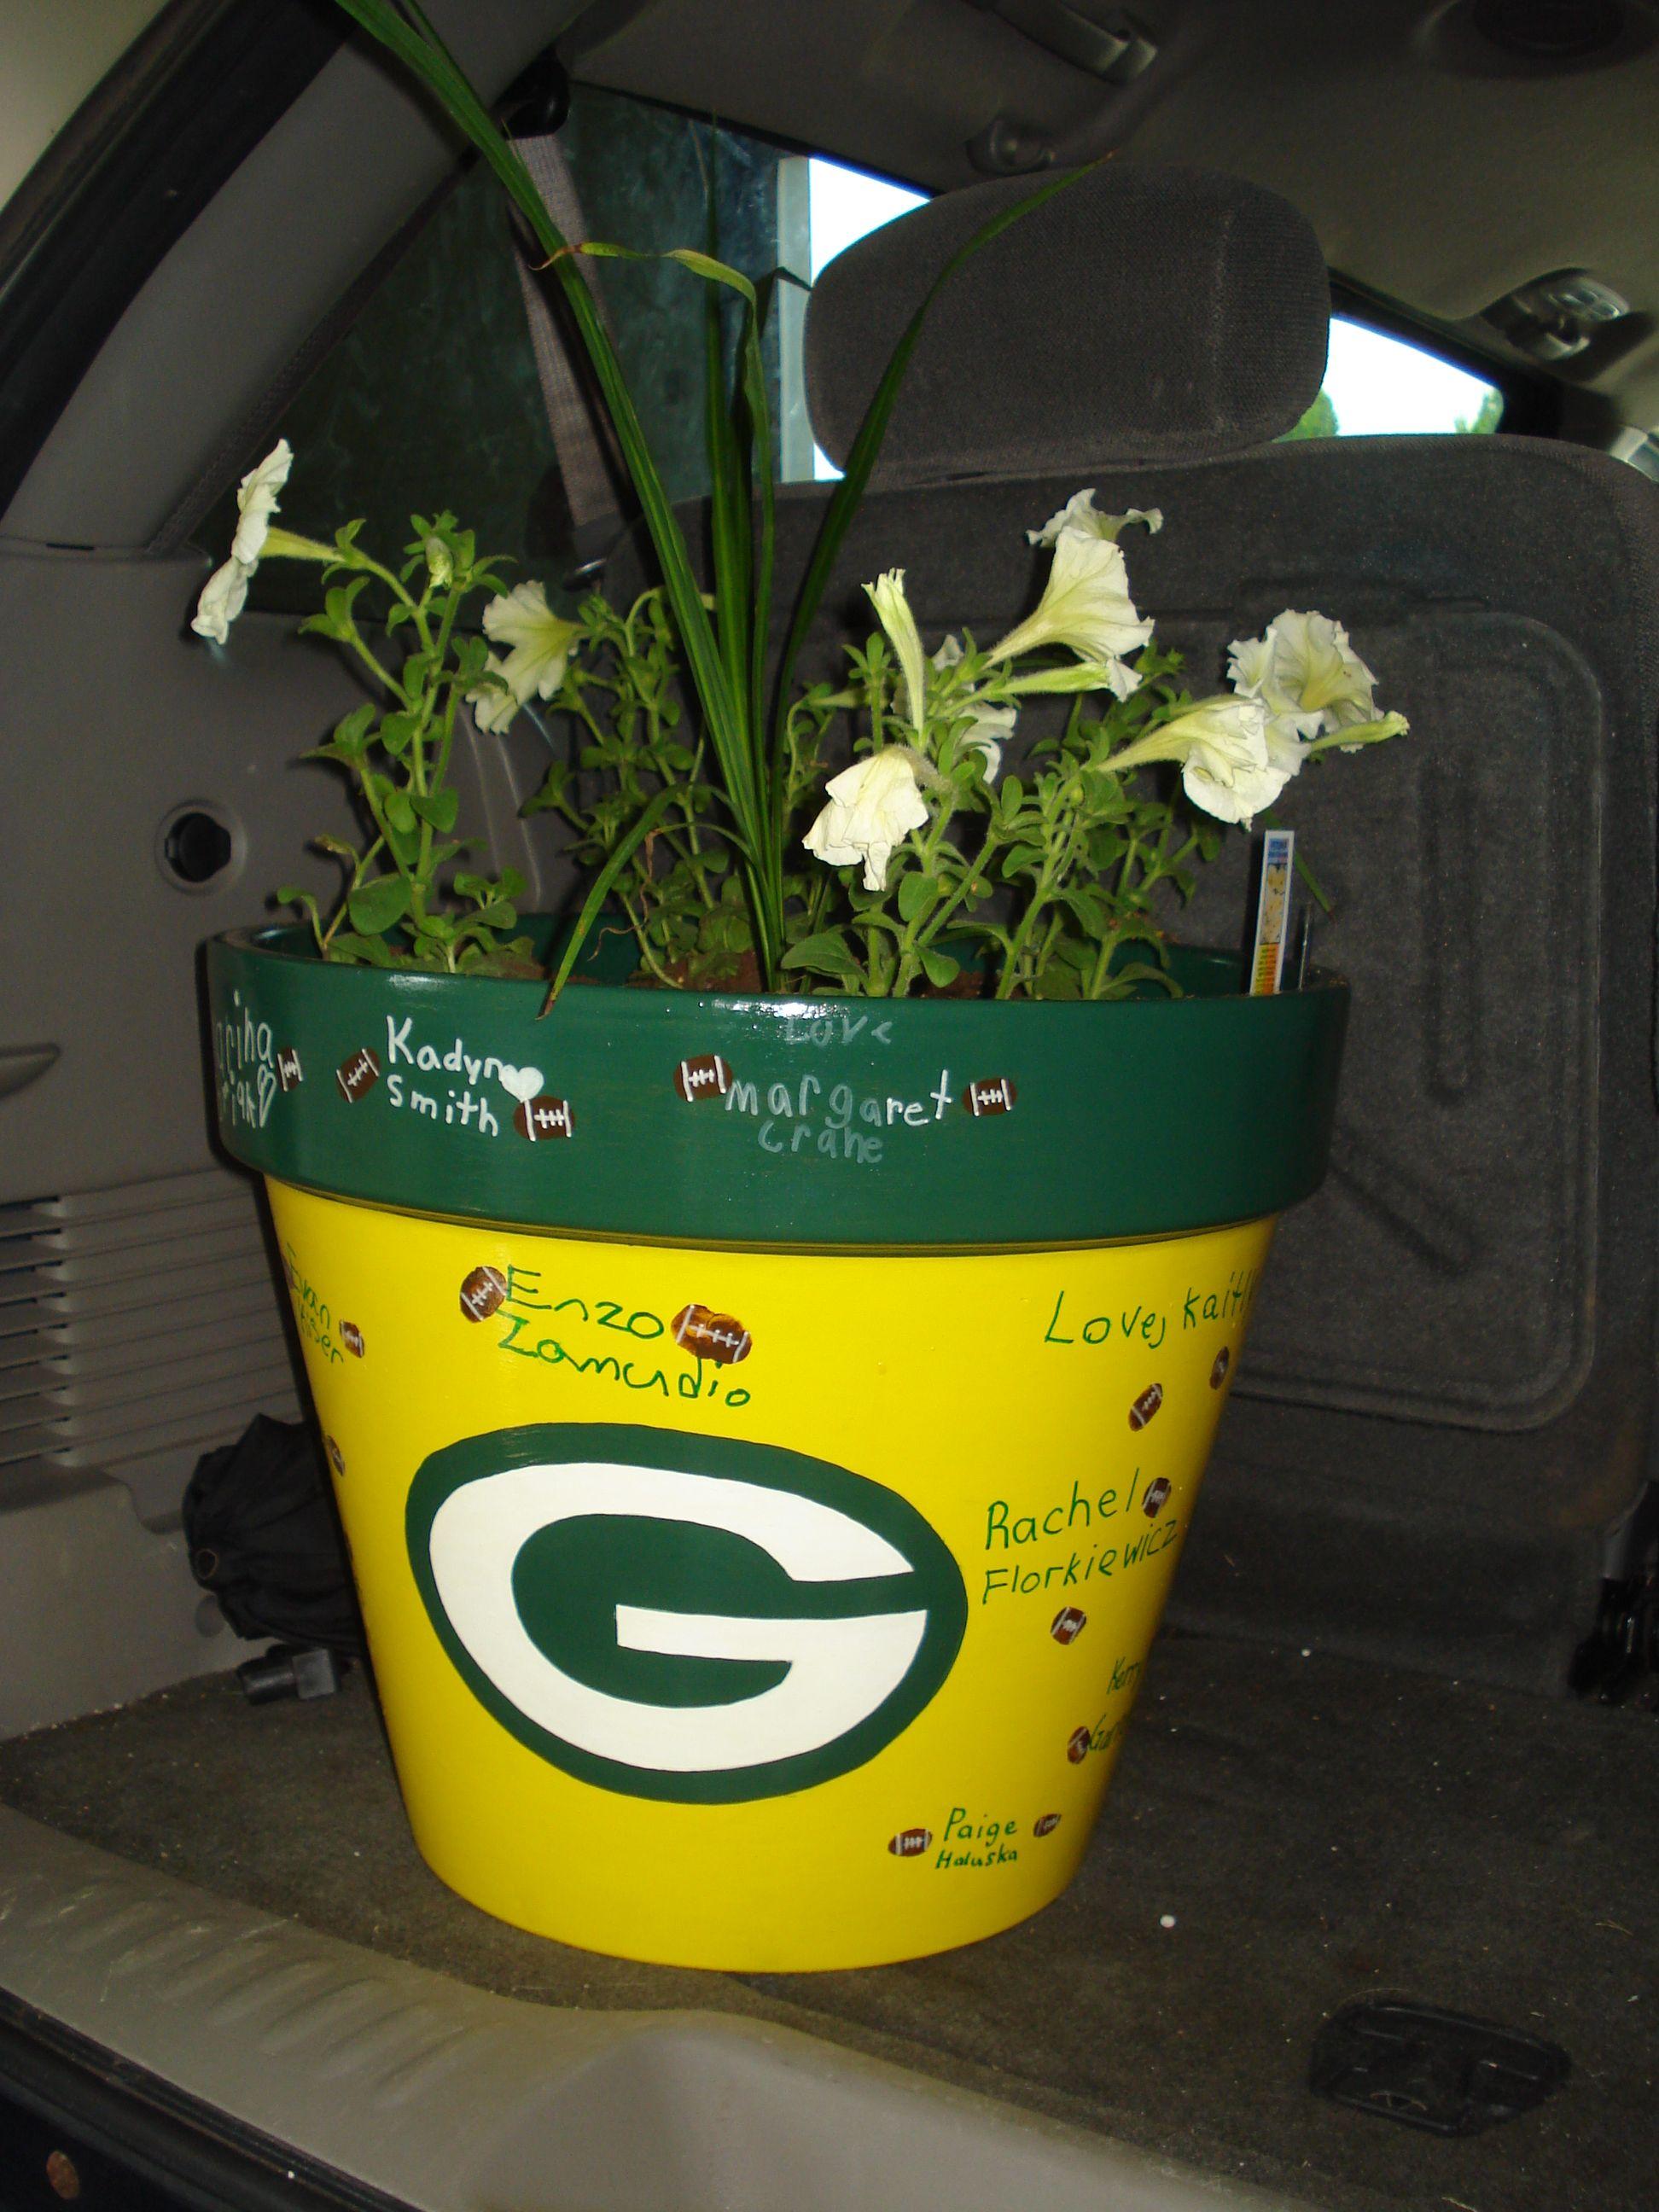 Green Bay Packers flower pot for a teacher gift. NOT a Packers fan ...